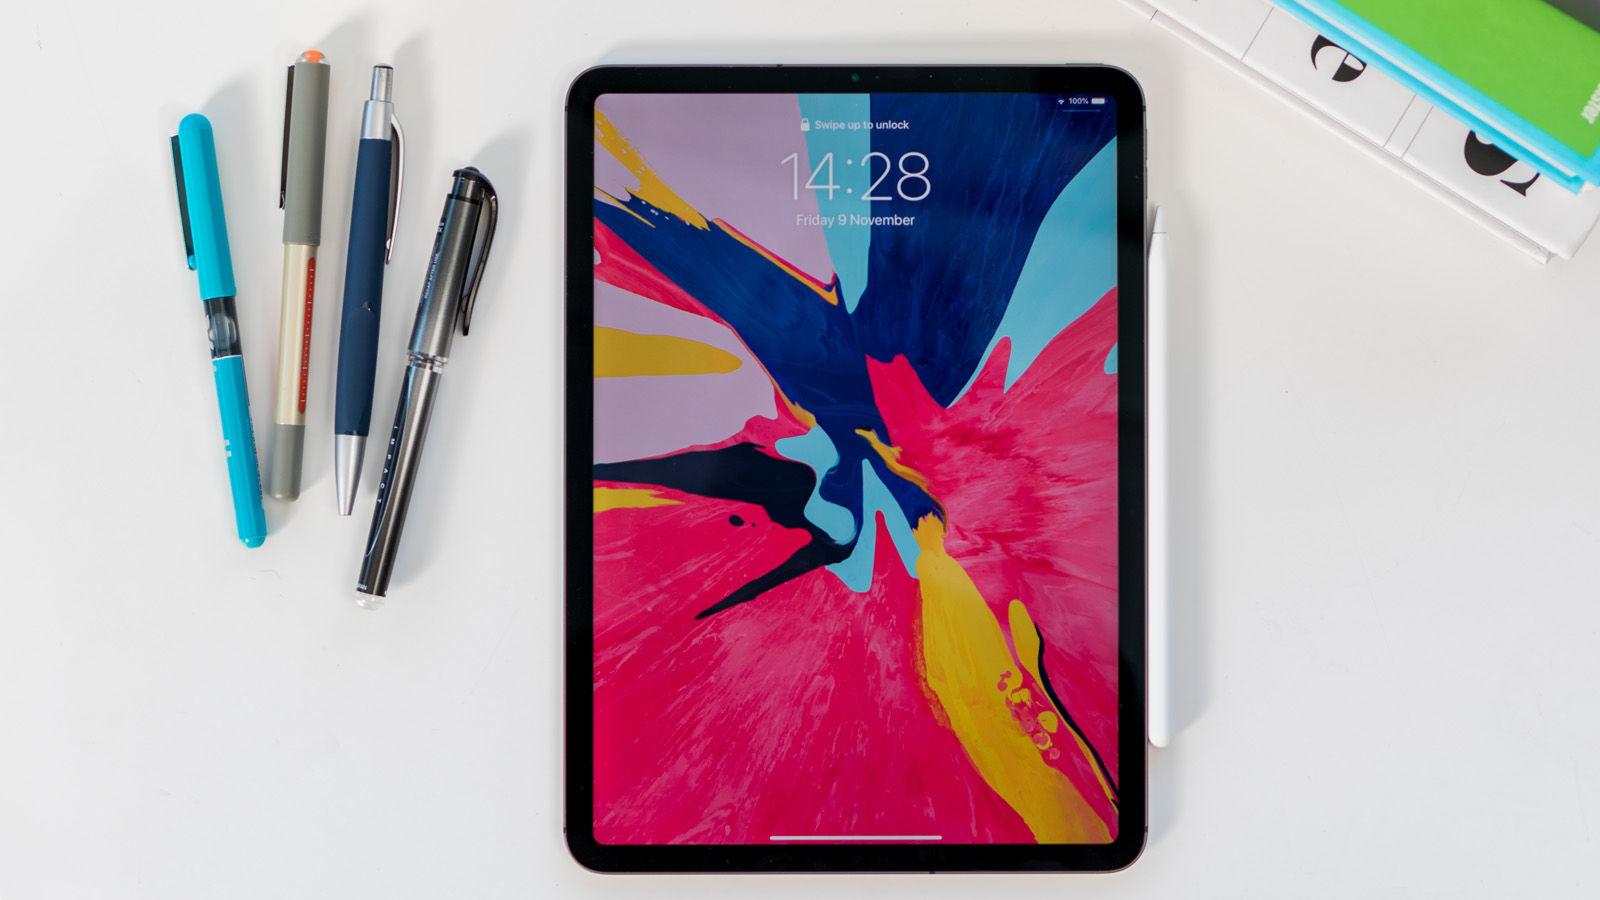 Обзор iPad Pro 11 дюймов (2018) - часть 1 из 3